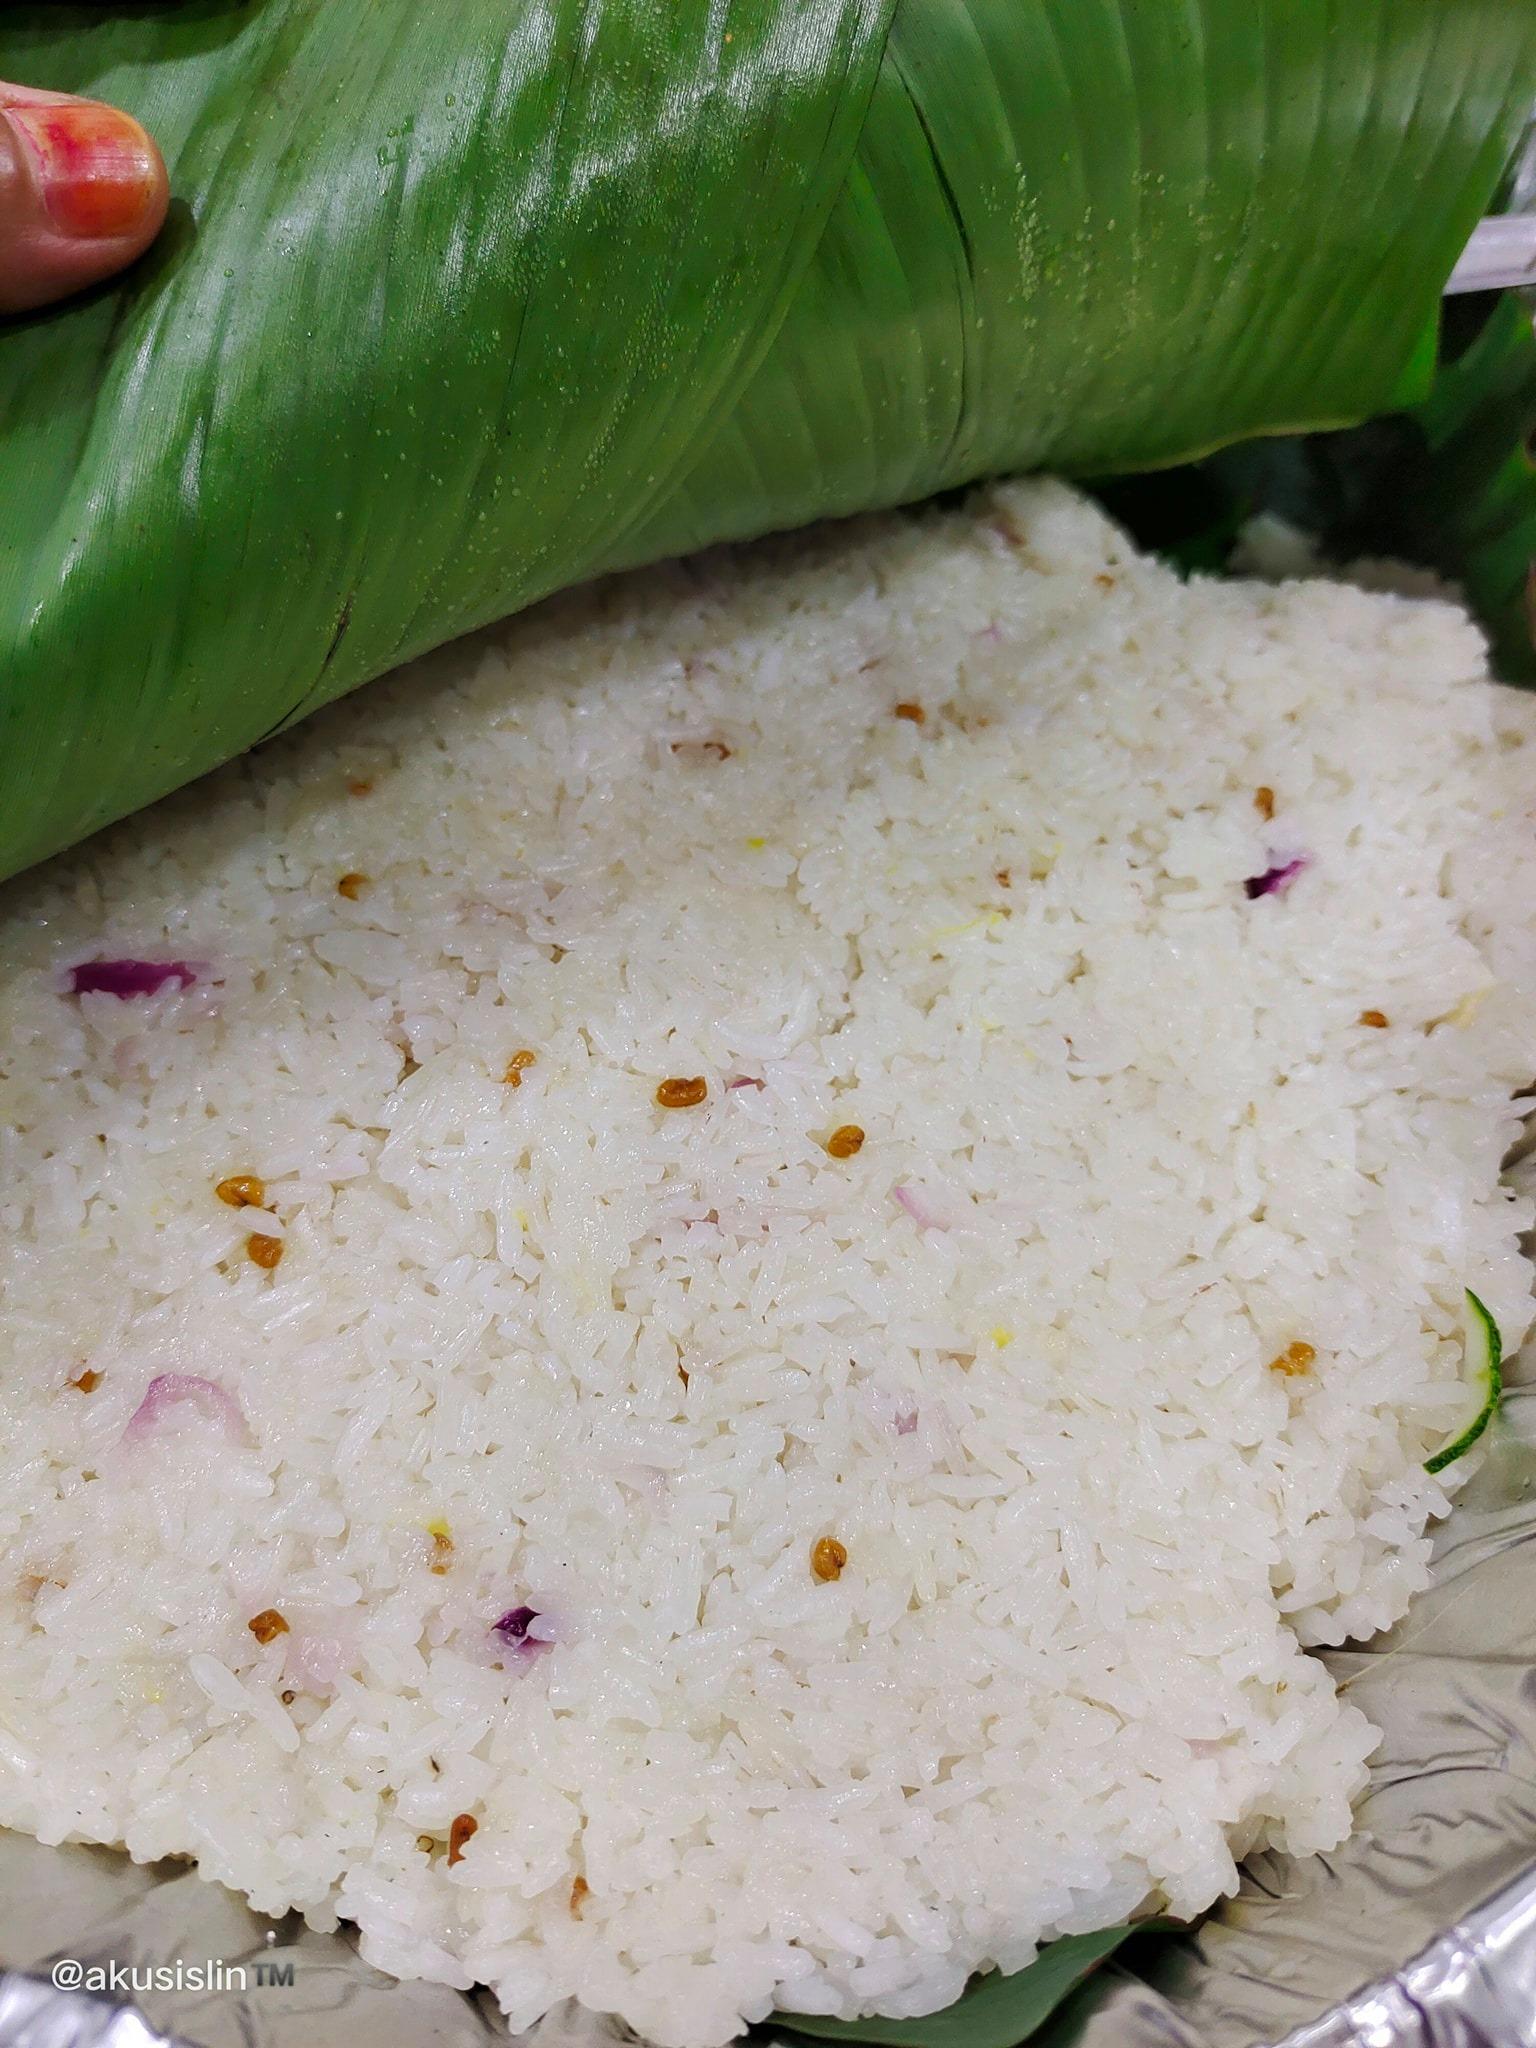 Pertama Kali Masak Nasi Dagang Trengganu, Alhamdulilah Menjadi